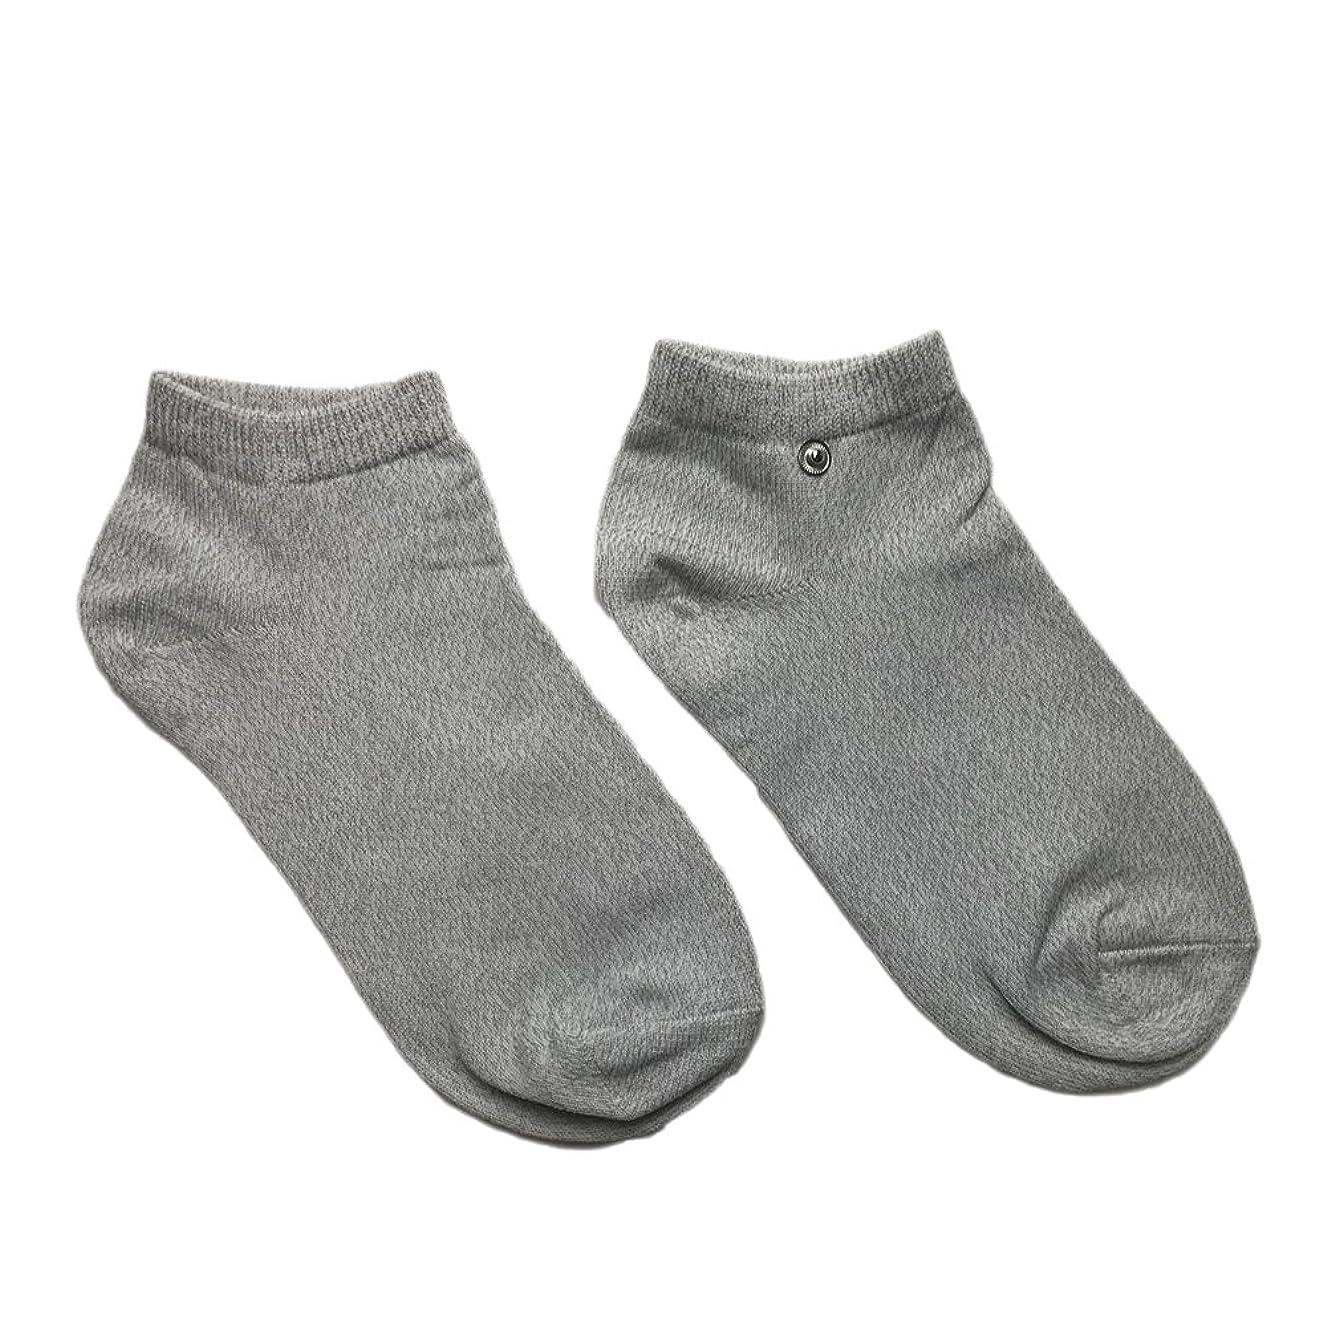 最近今ワイプriraku-life(??????) 大地と繋がるアーシング健康法用 アーシングソックス(low) 導電性靴下 (M)